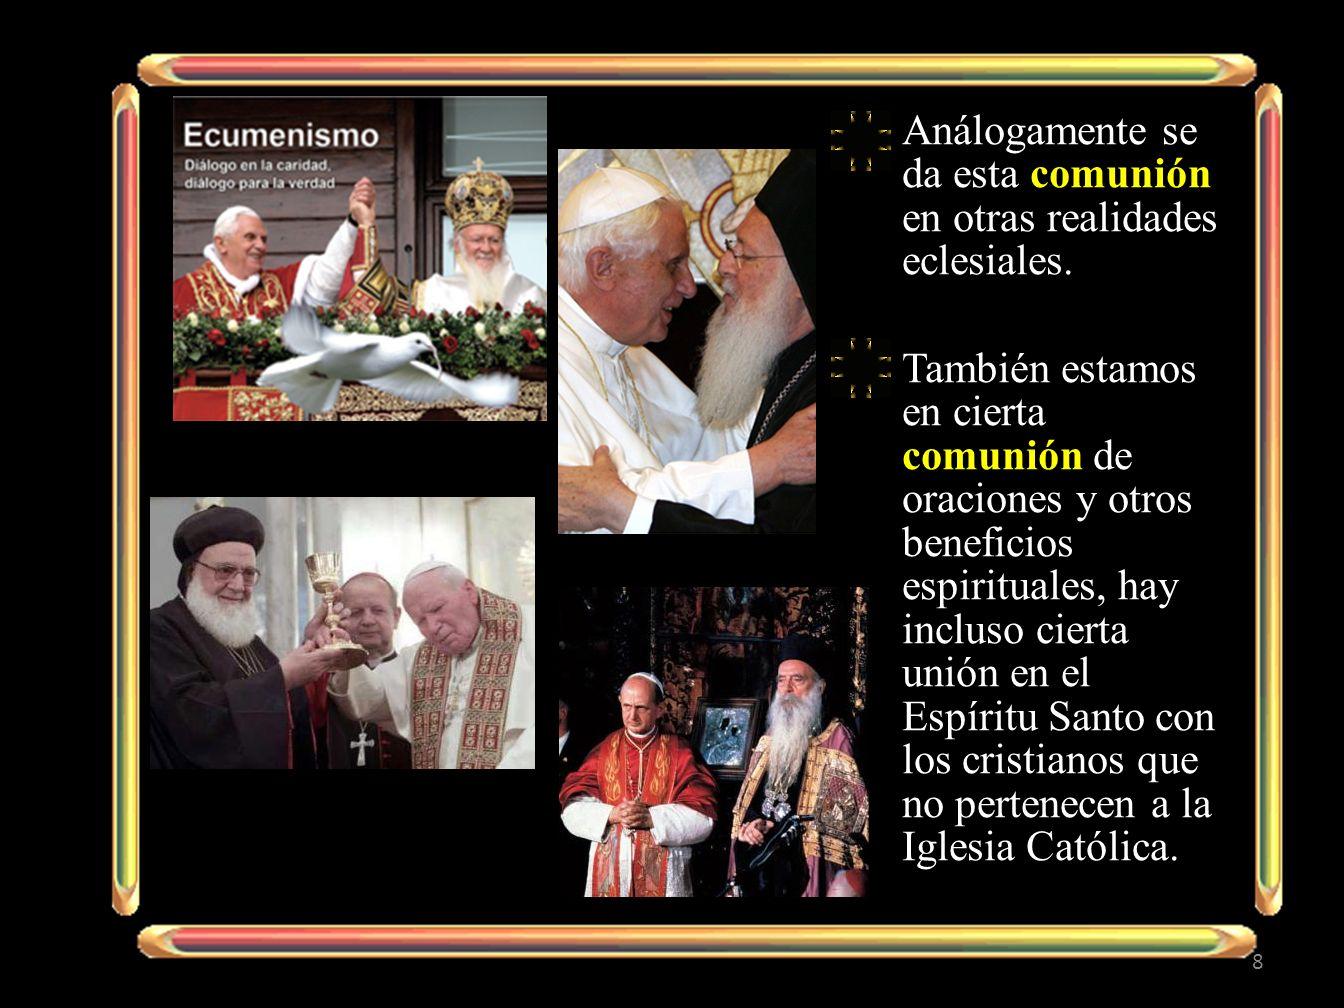 Análogamente se da esta comunión en otras realidades eclesiales.